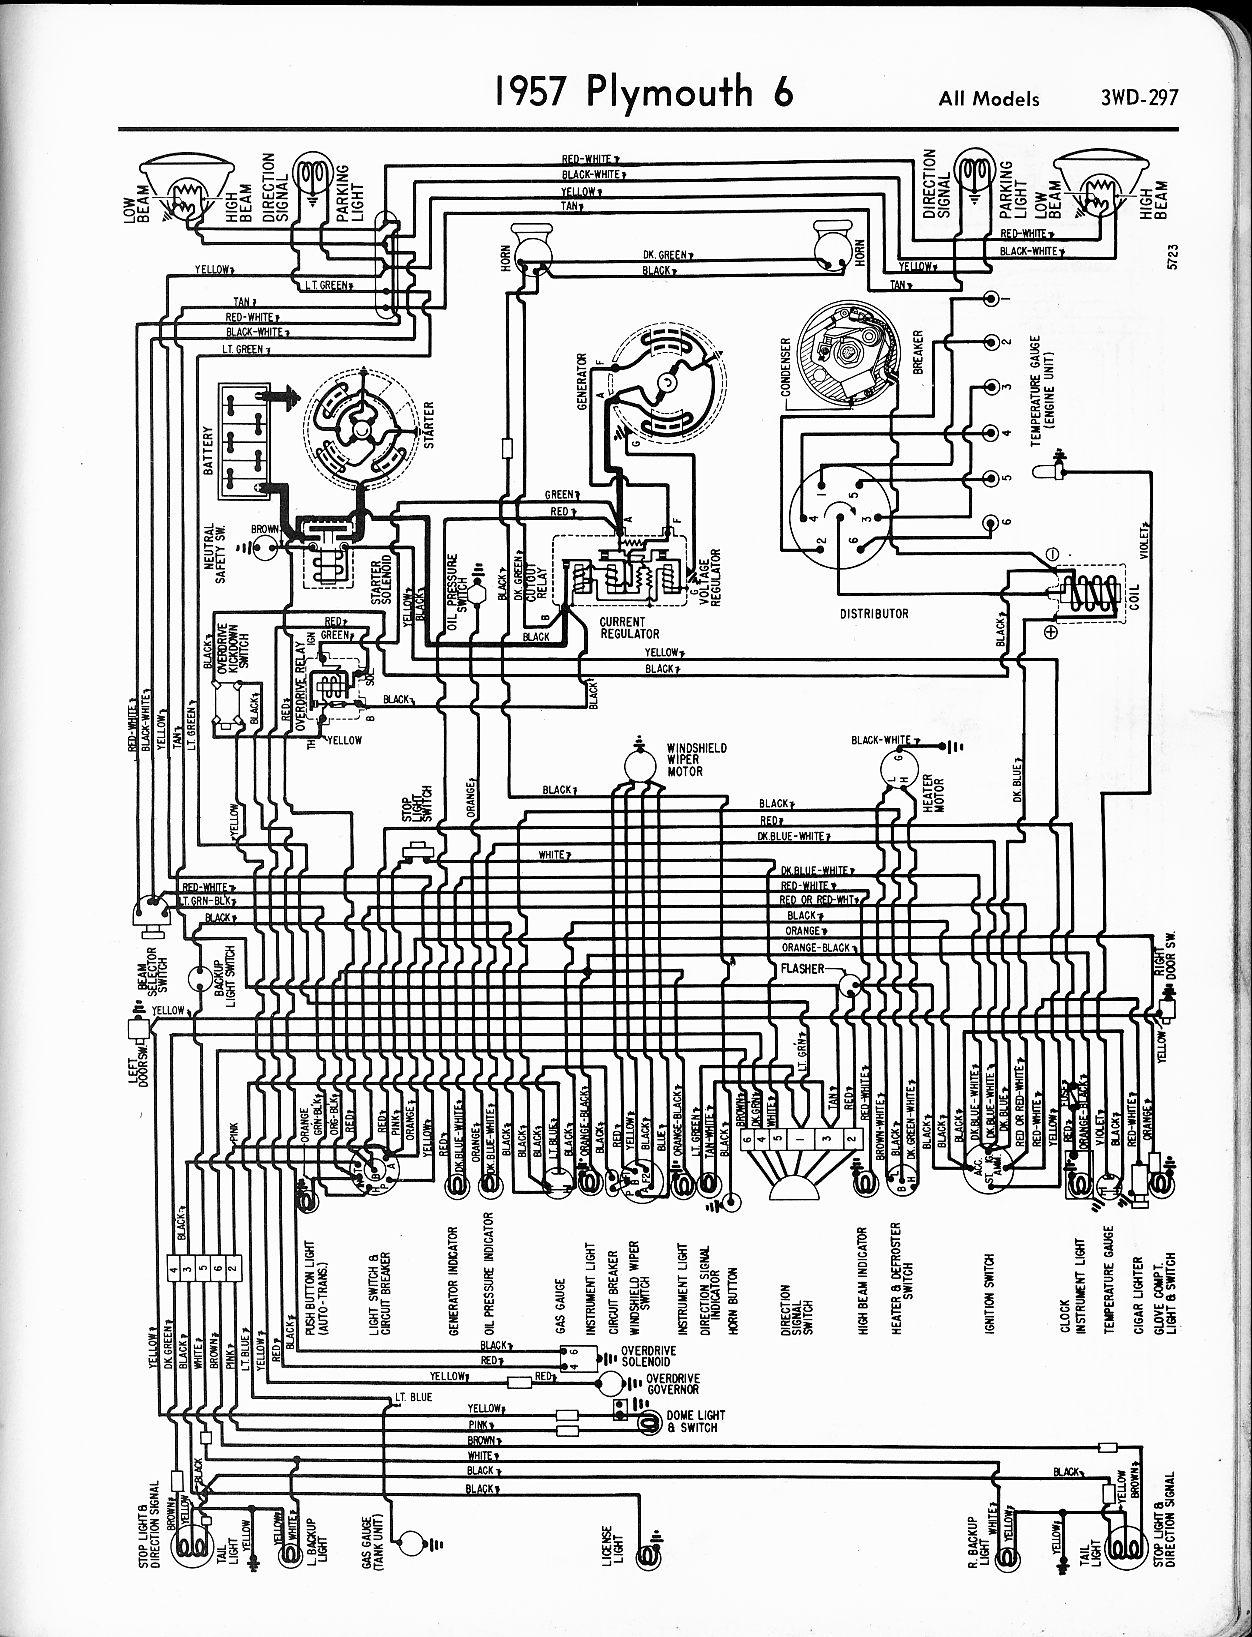 79 el camino wiring diagram 79 plymouth volare wiring diagram #10